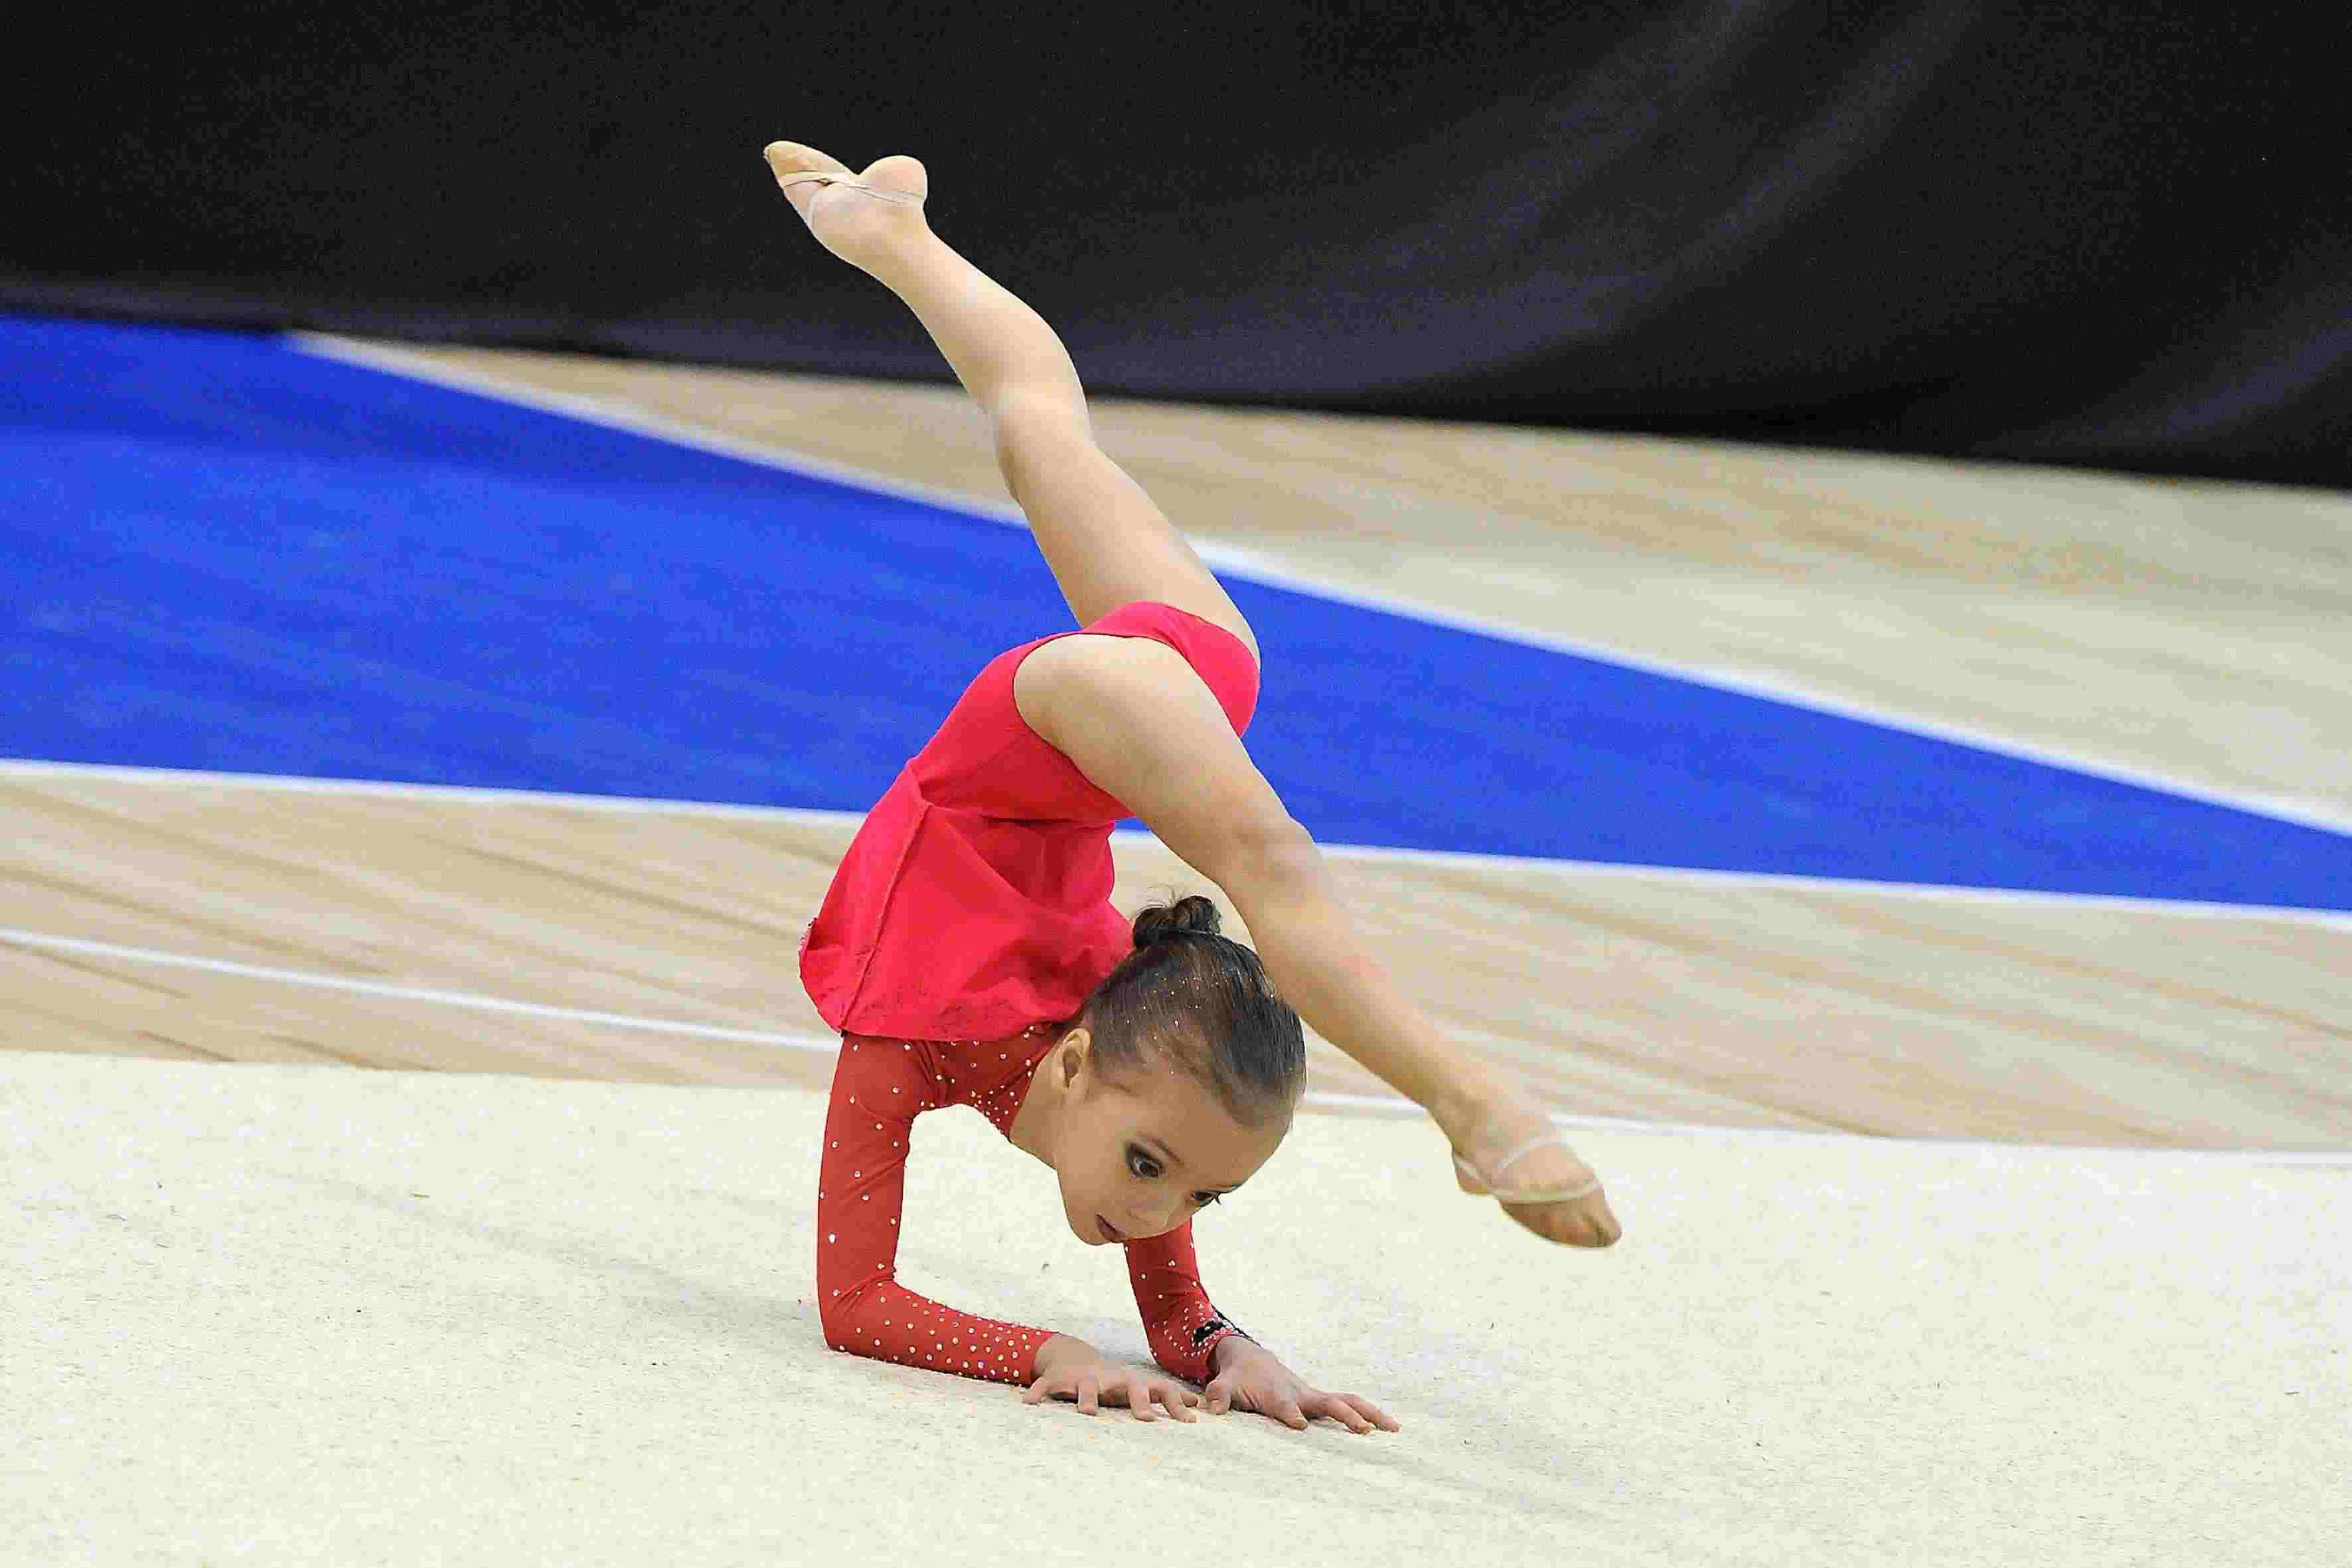 Фото художественной гимнастики 17 фотография